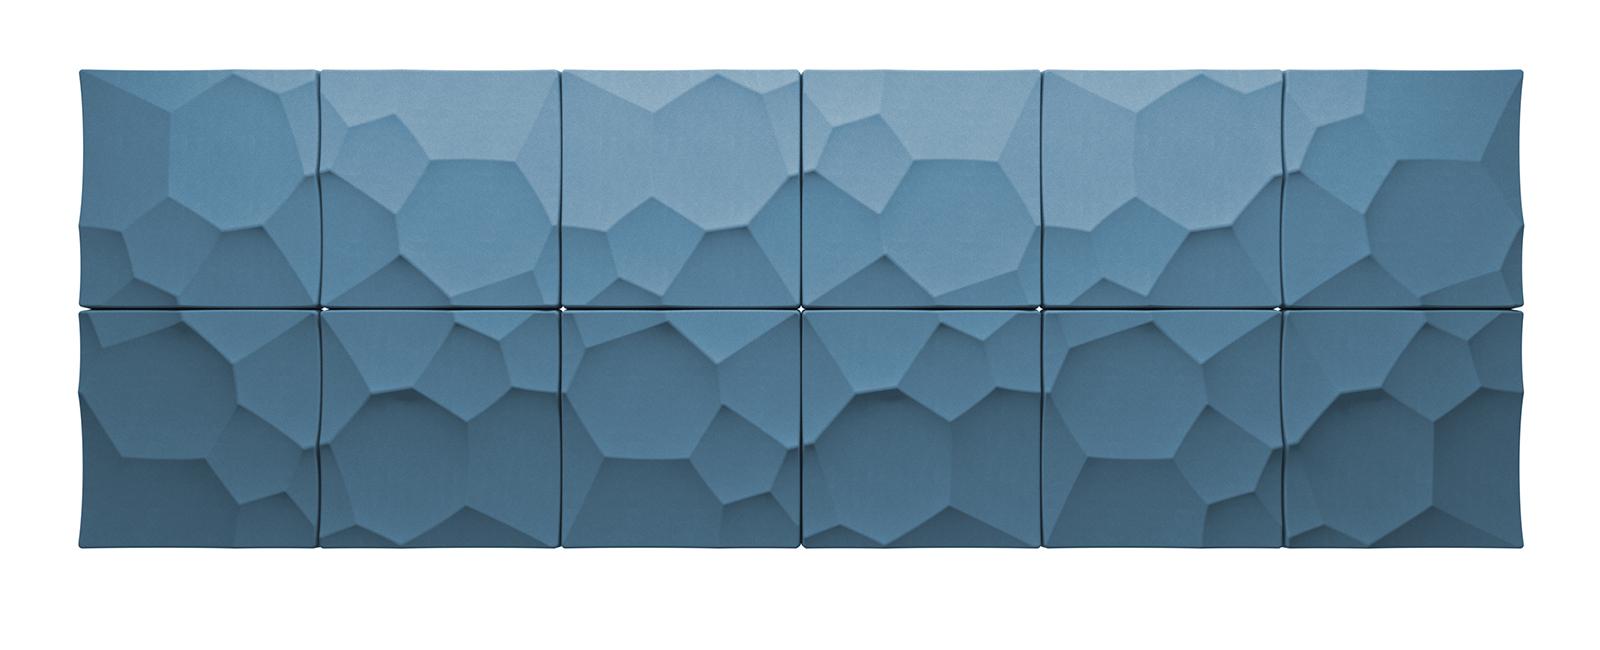 Autex Quietspace 3D-Tiles S-5.28 | Stonewash